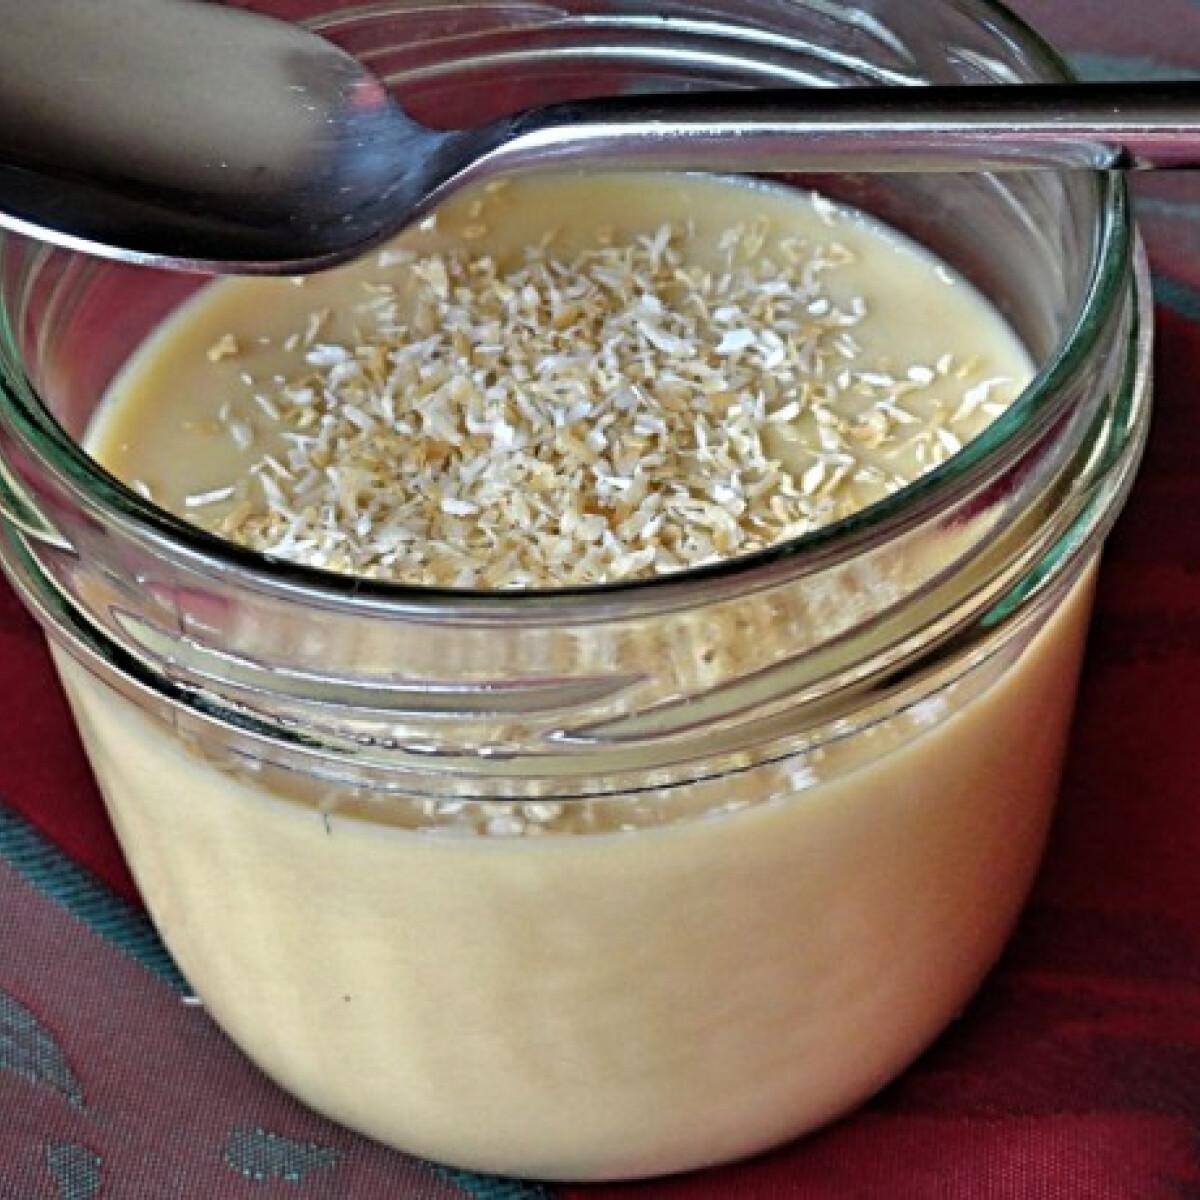 Kókusztejes-sóskaramelles panna cotta